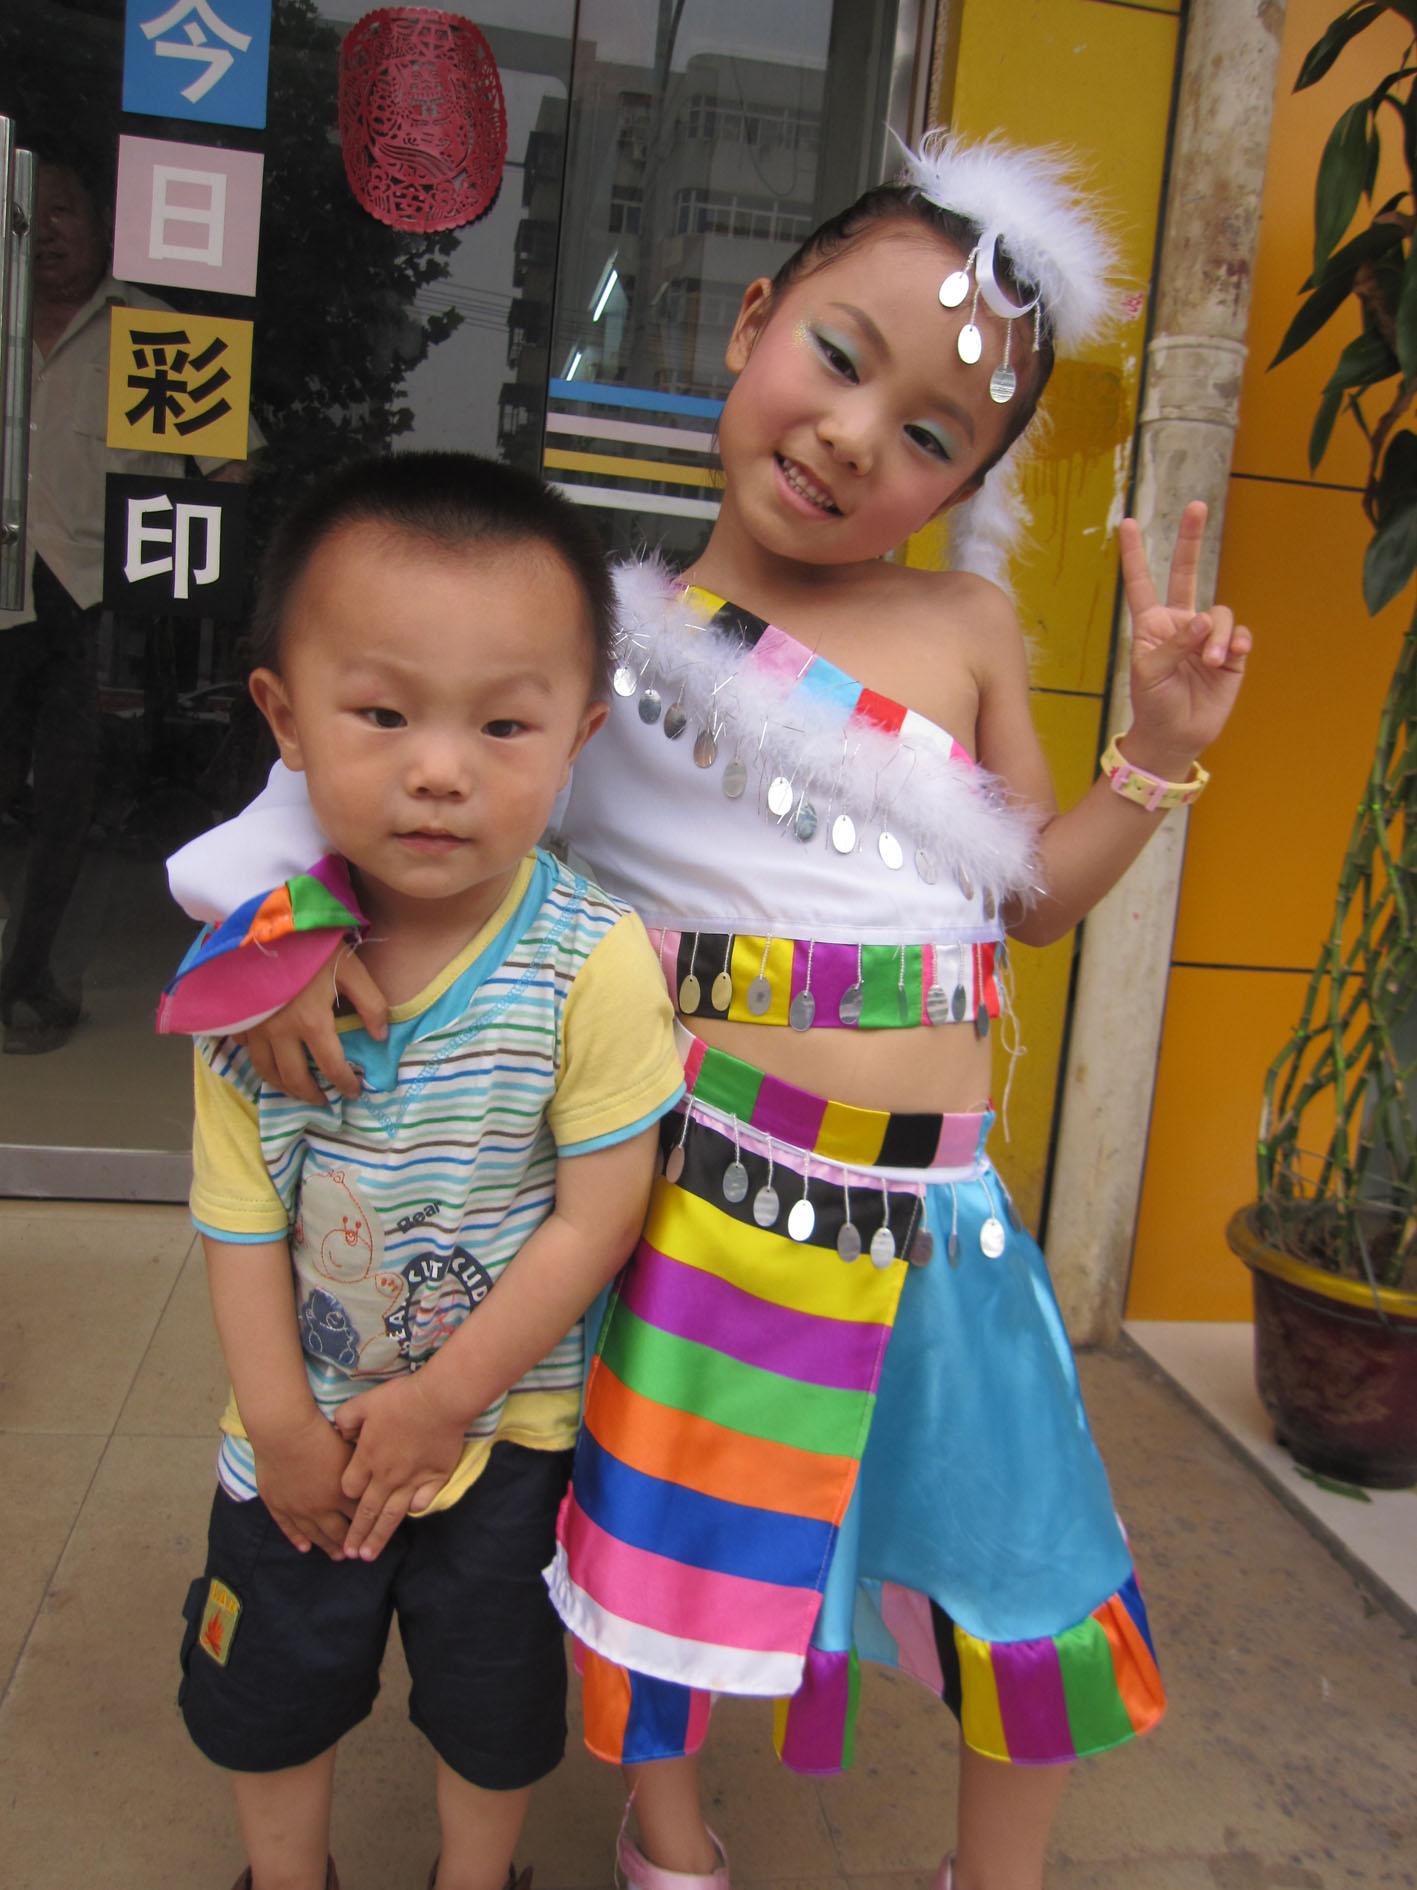 幼儿园走秀的服装设计,幼儿园大班走秀服装,幼儿园大班走秀,高清图片